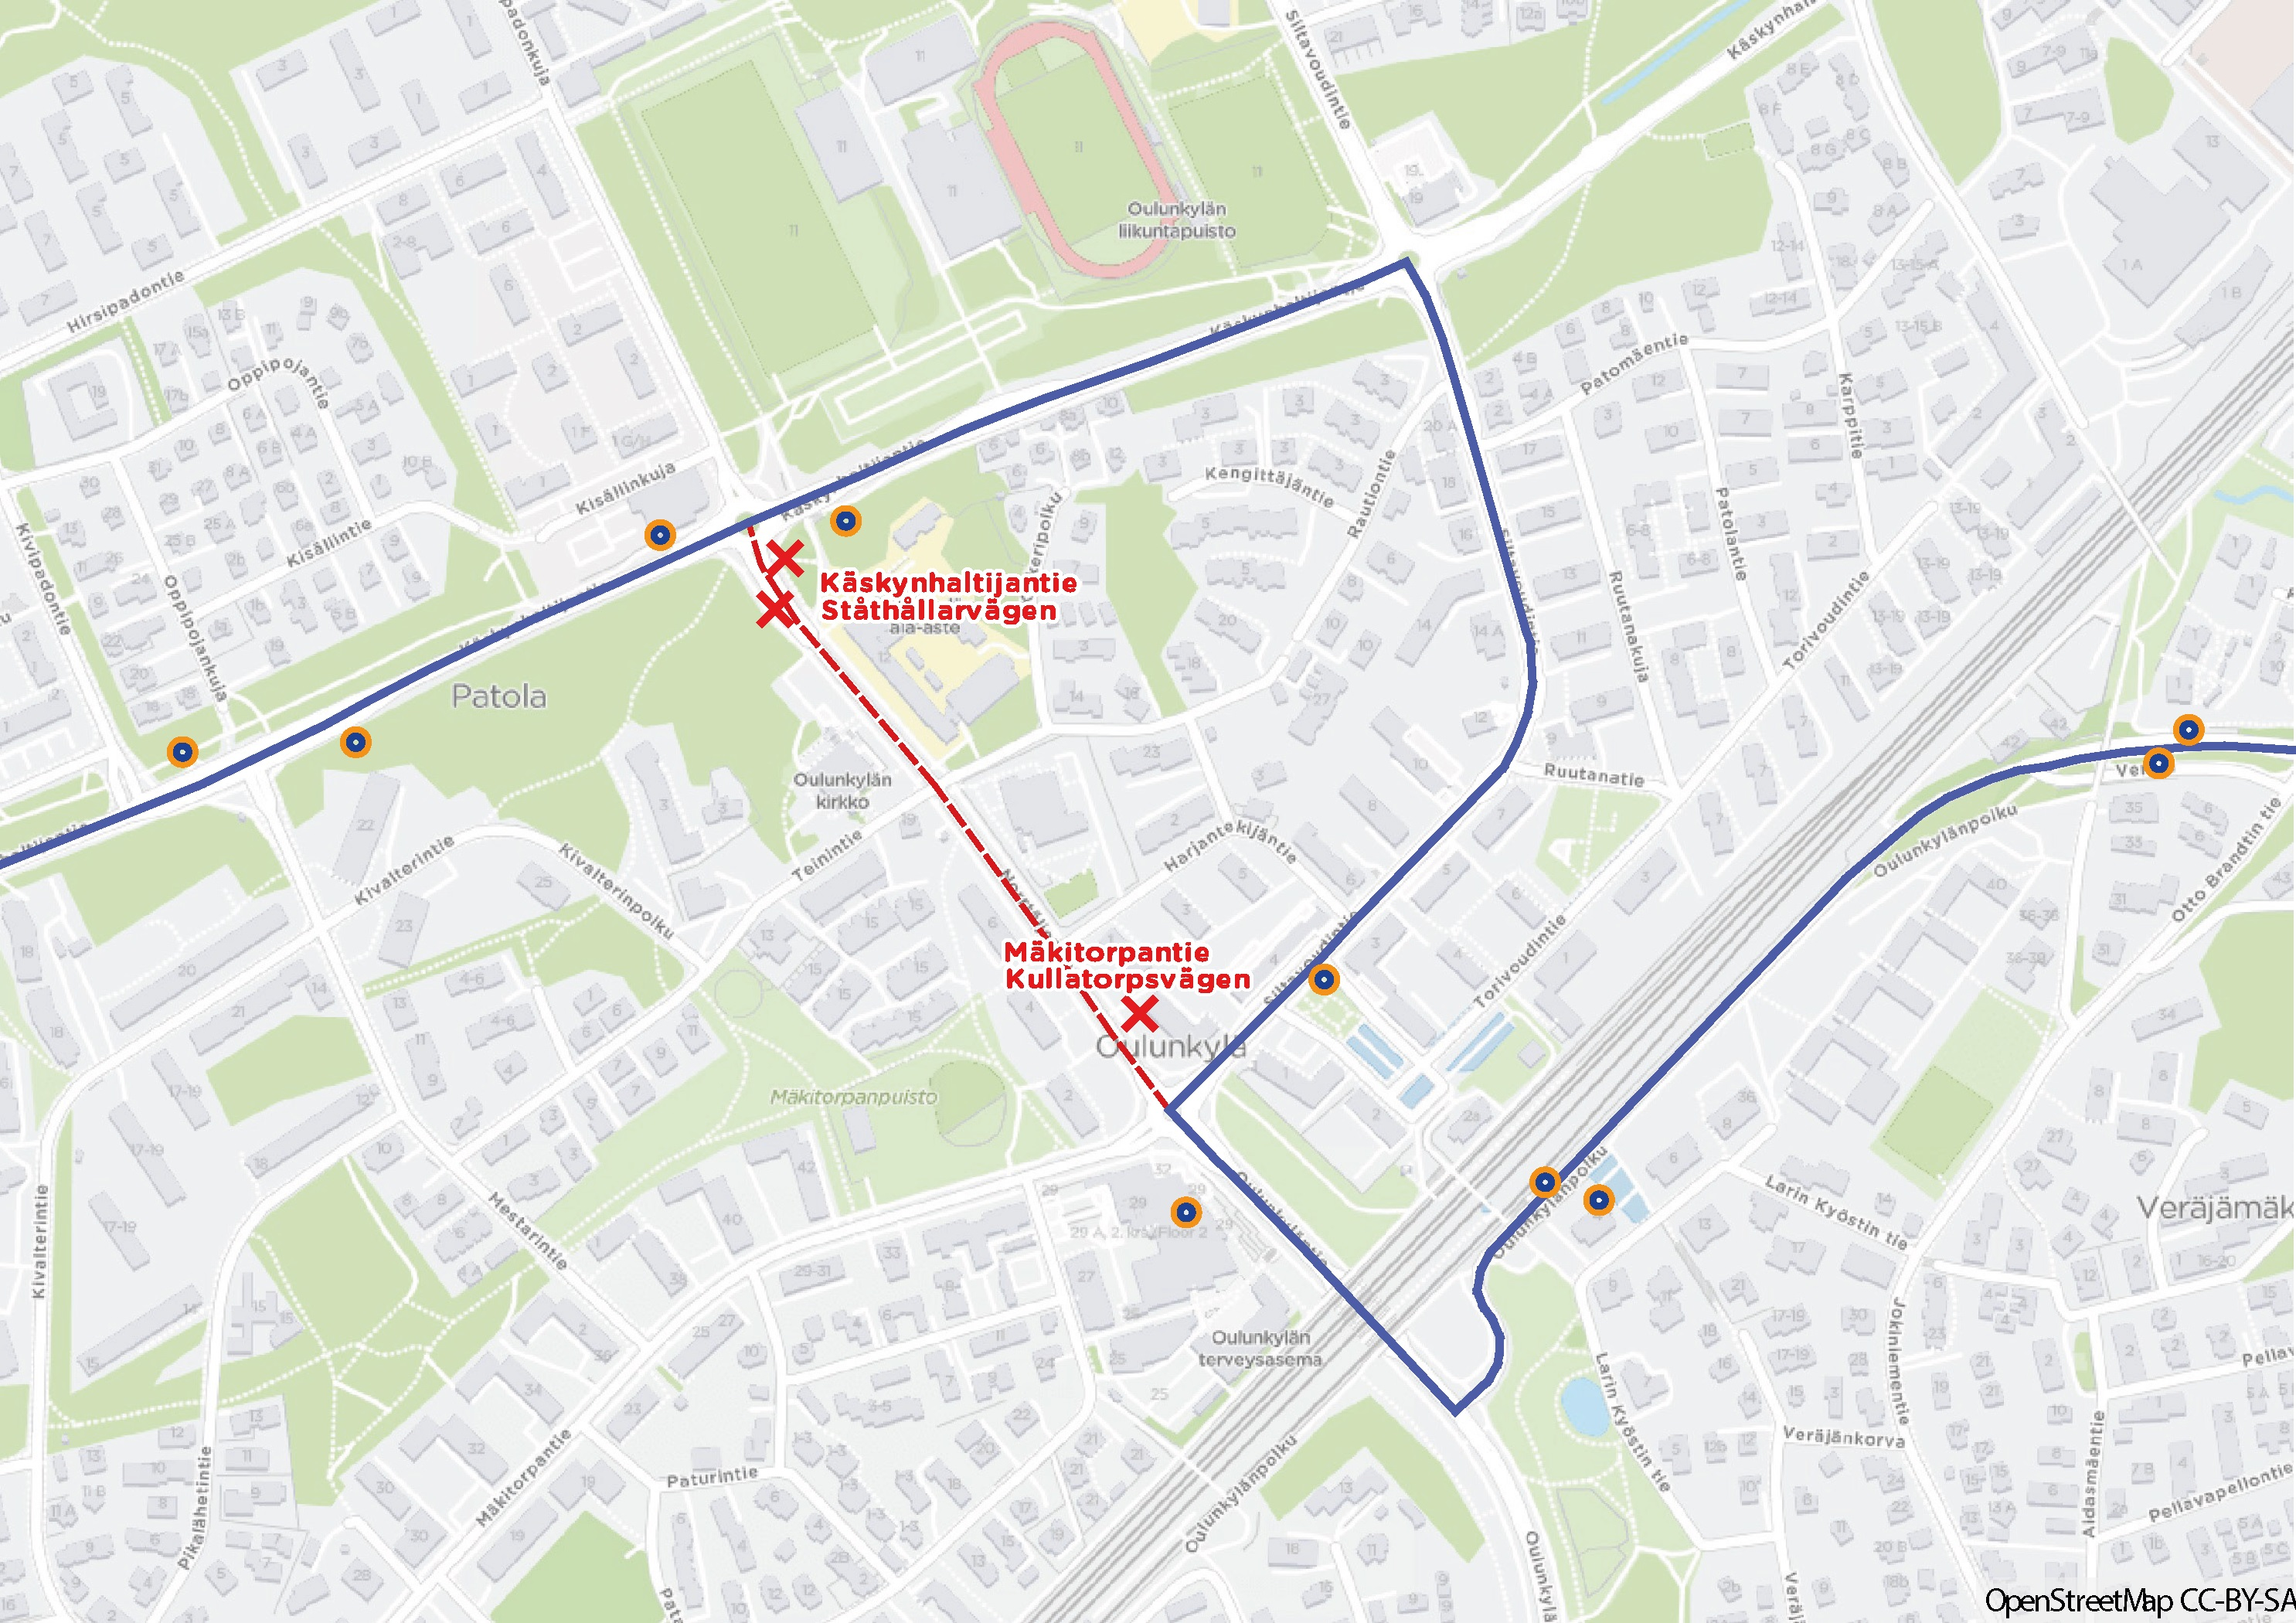 Linjan 550 reitti Oulunkylässä muutetaan kulkemaan Siltavoudintien kautta omalle reitilleen Käskynhaltijantielle.